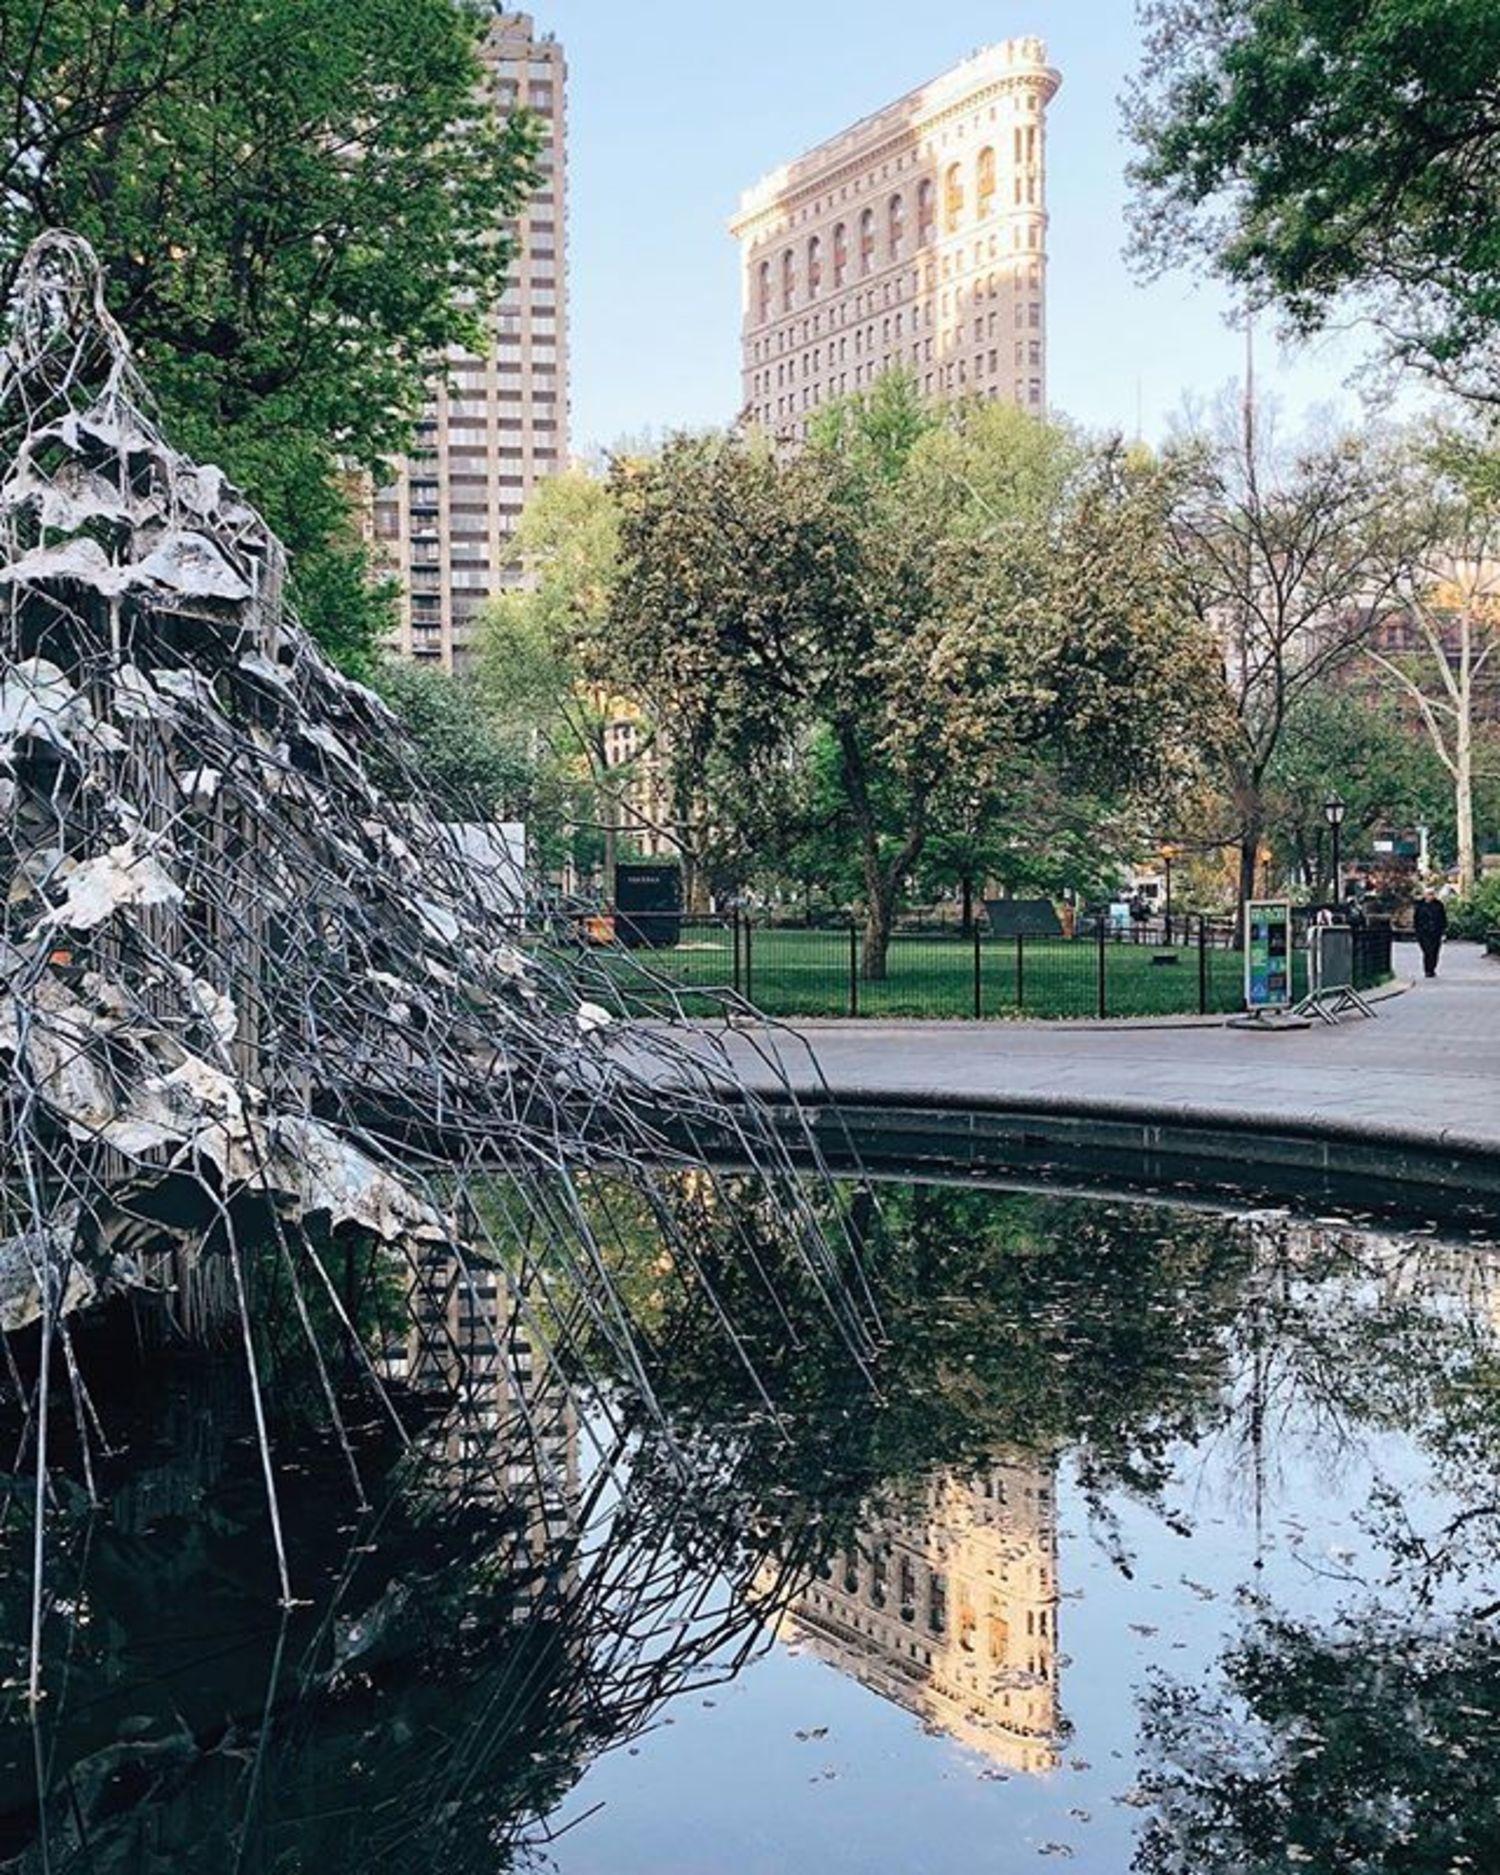 Madison Square Park, New York. Photo via @iwyndt #newyork #newyorkcity #nyc #flatiron #madisonsquarepark